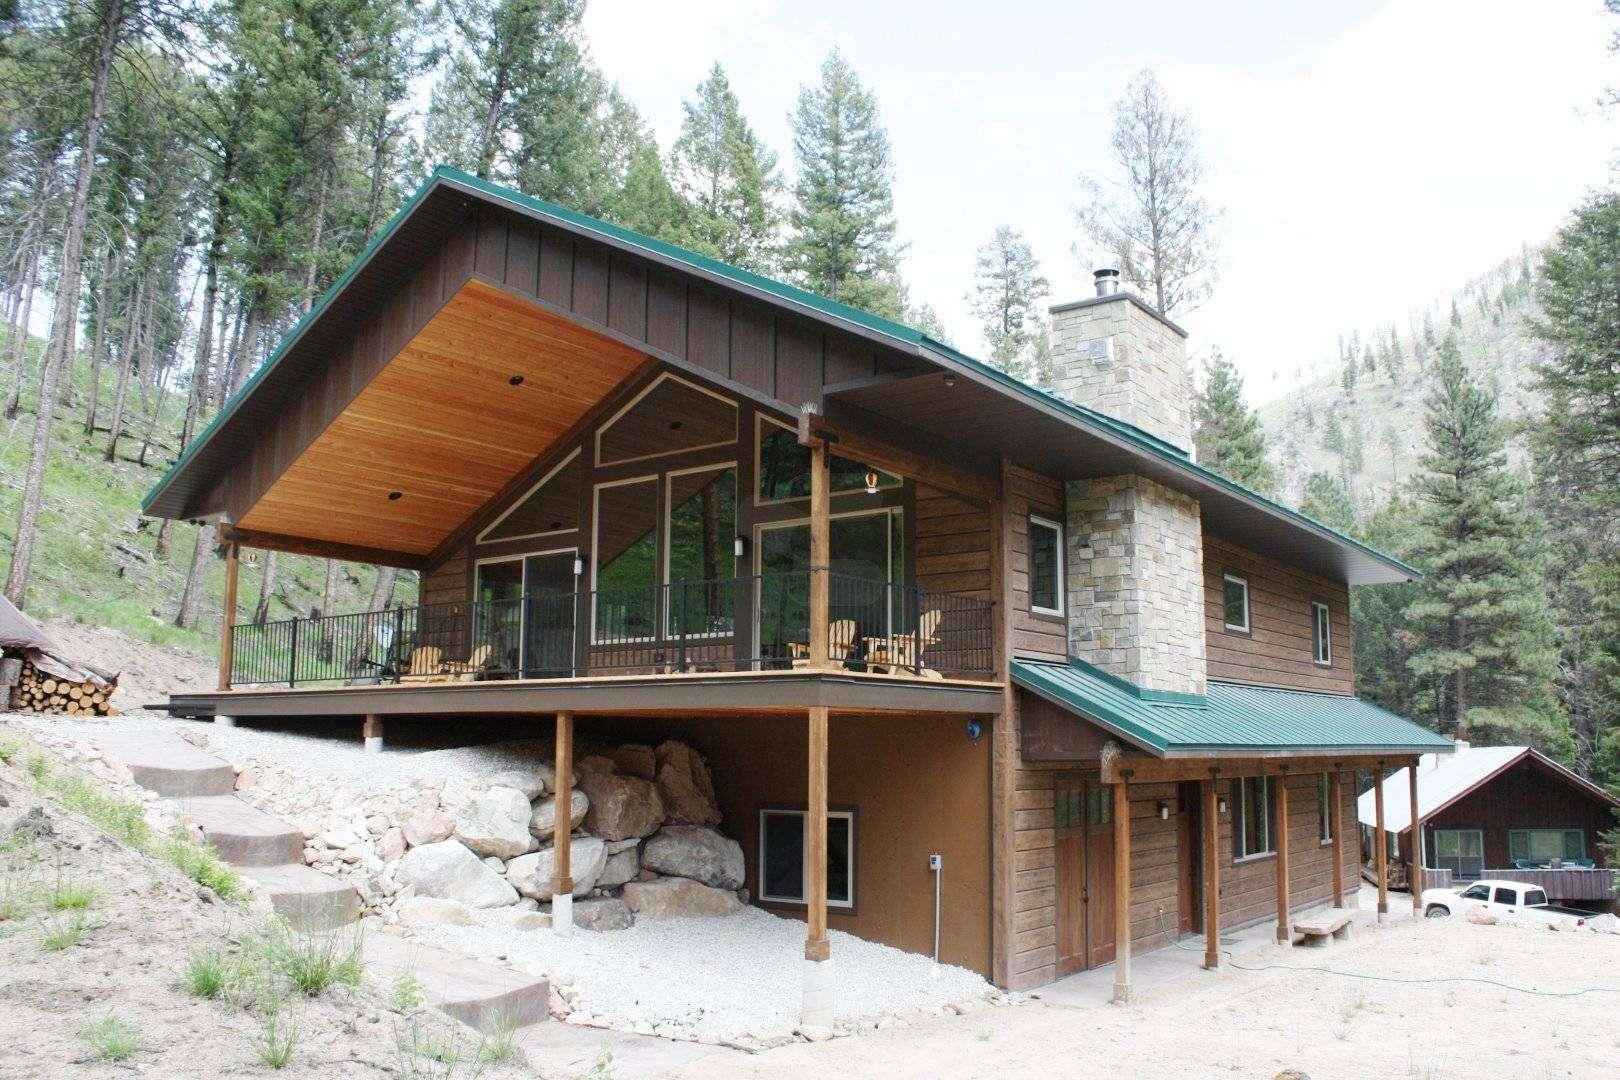 Missoula montana log siding residence everlog systems for Concrete log cabins